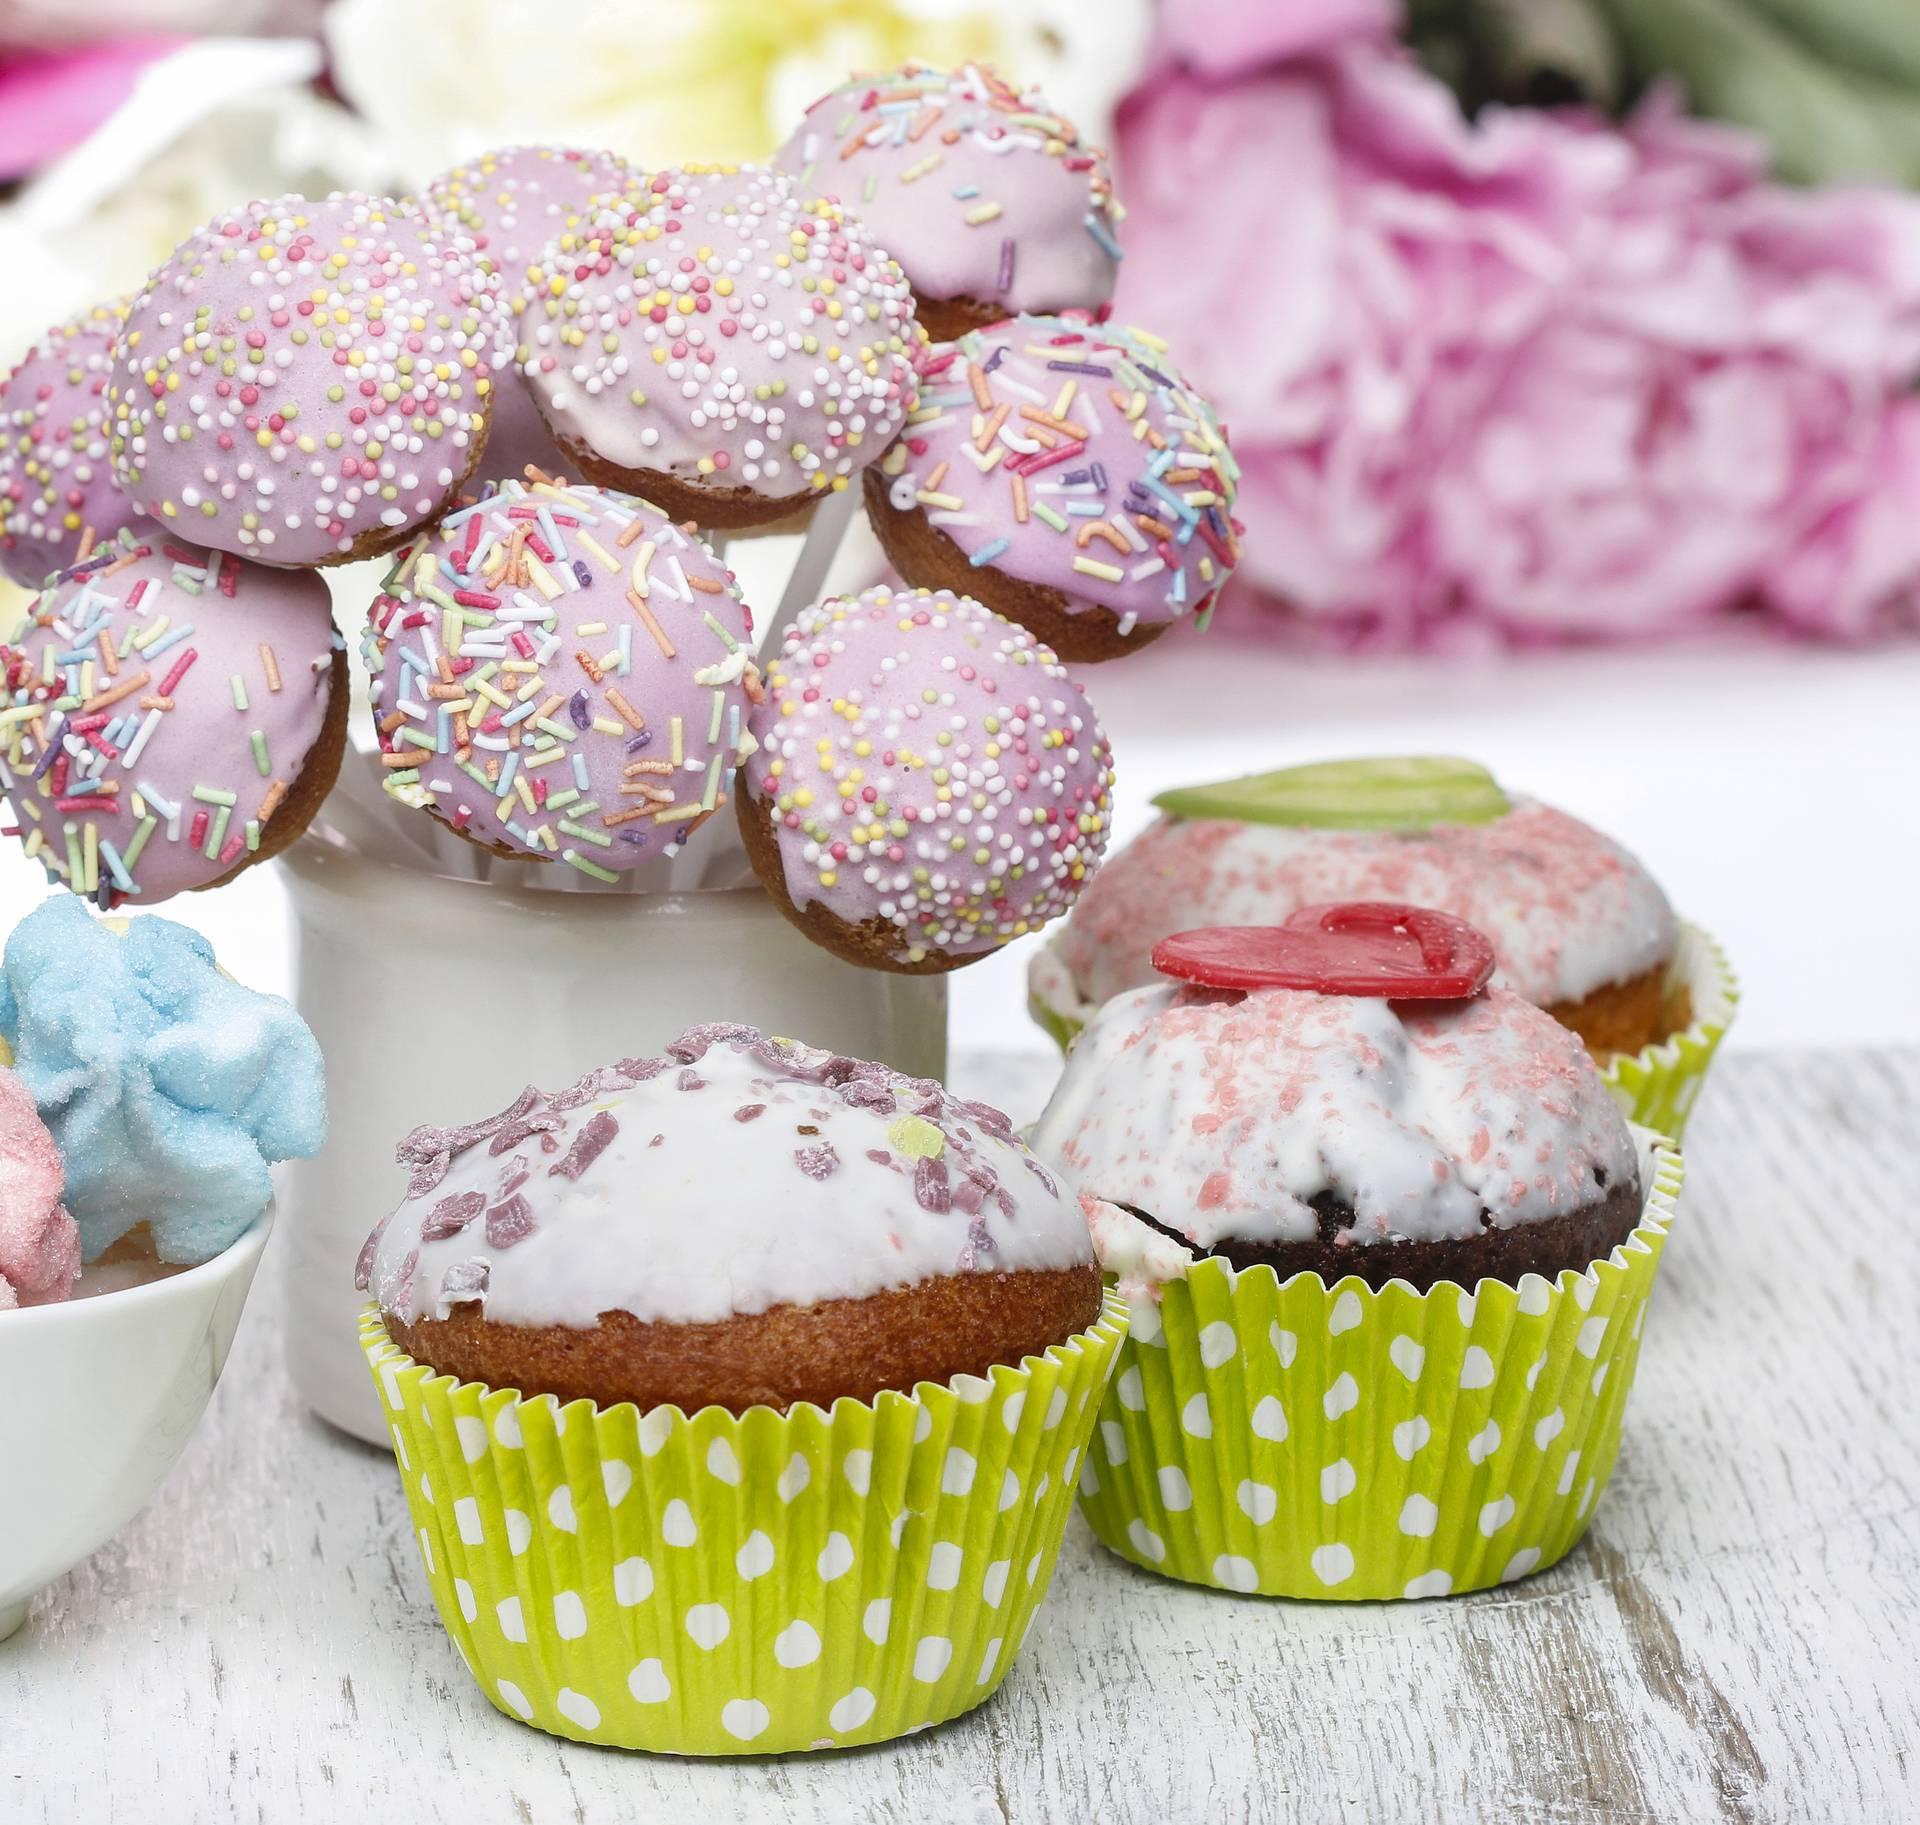 Kuhinjski trikovi za fine  kolače bez nereda i bez muke